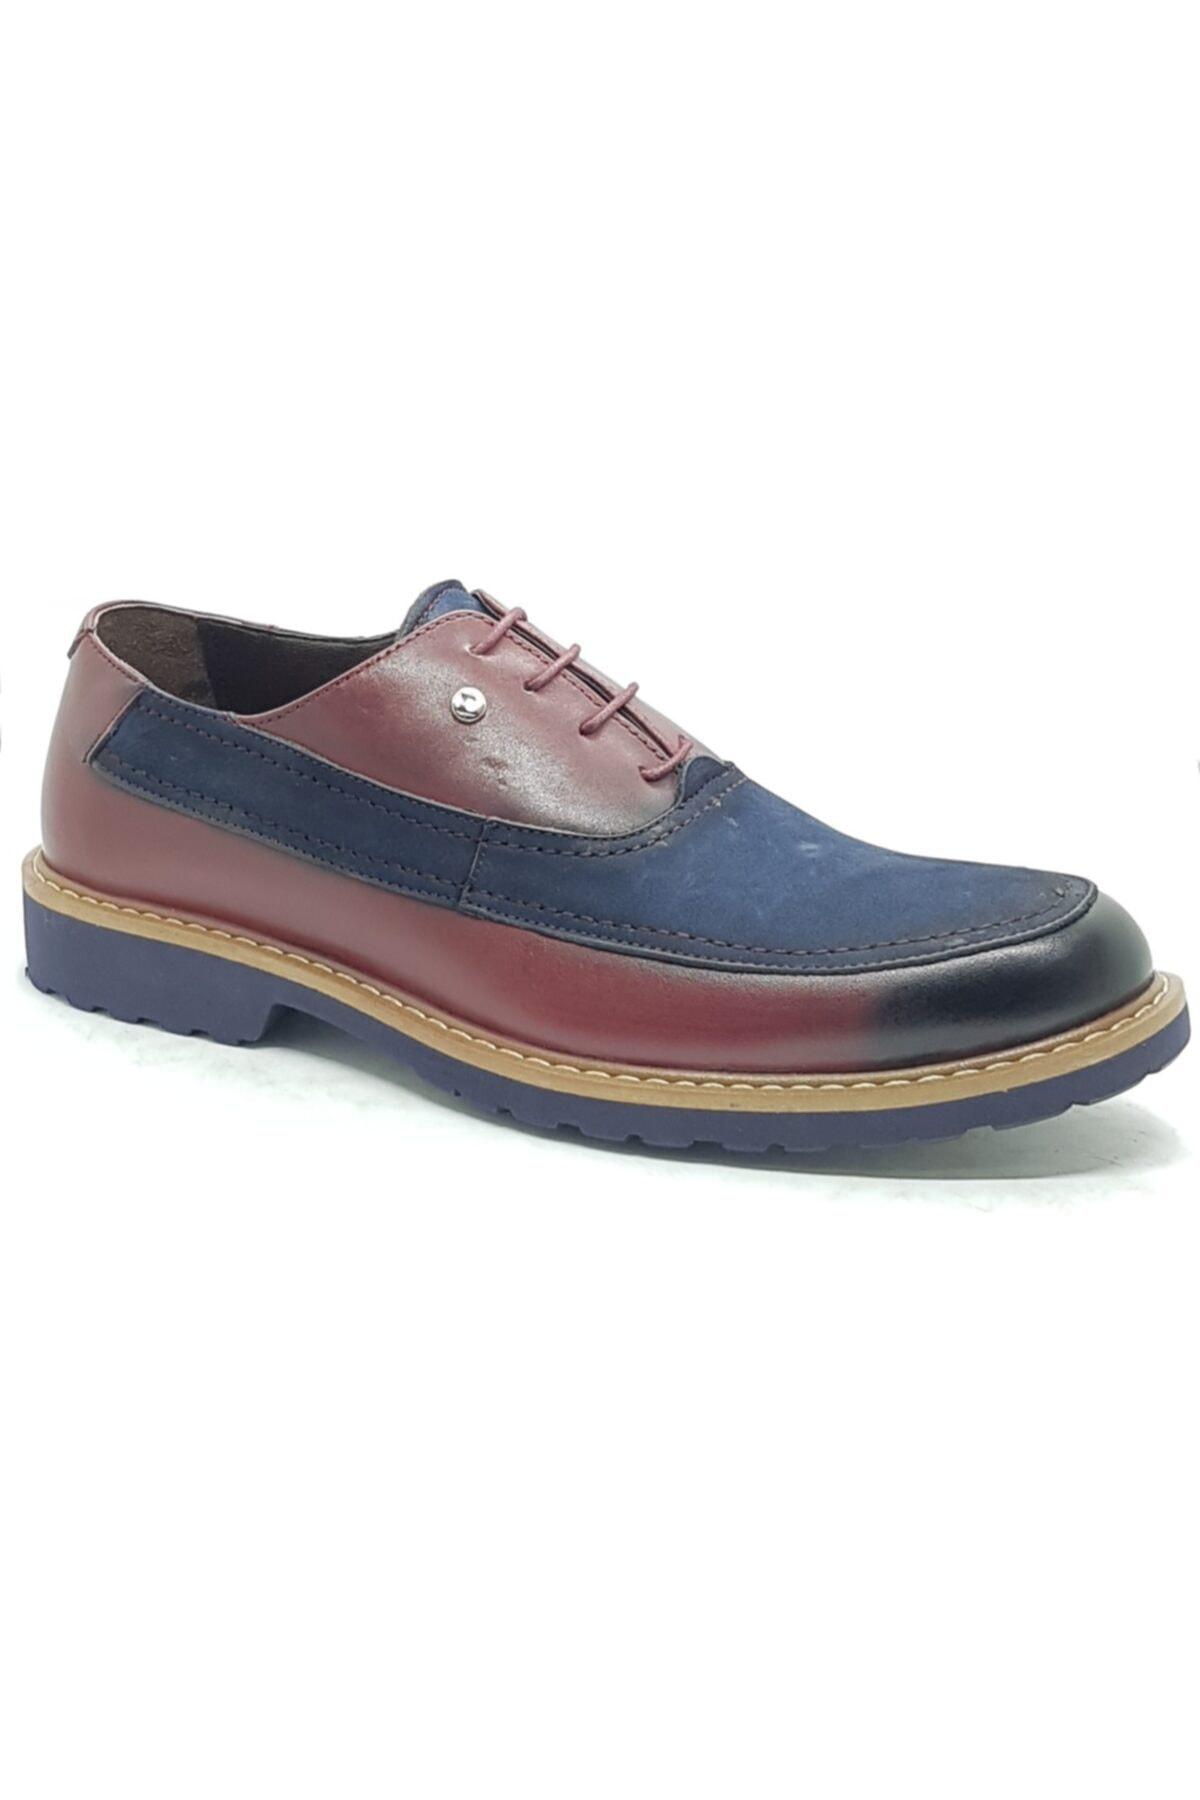 Pierre Cardin Erkek Lacivert Günlük Bağcıklı Ayakkabı 2